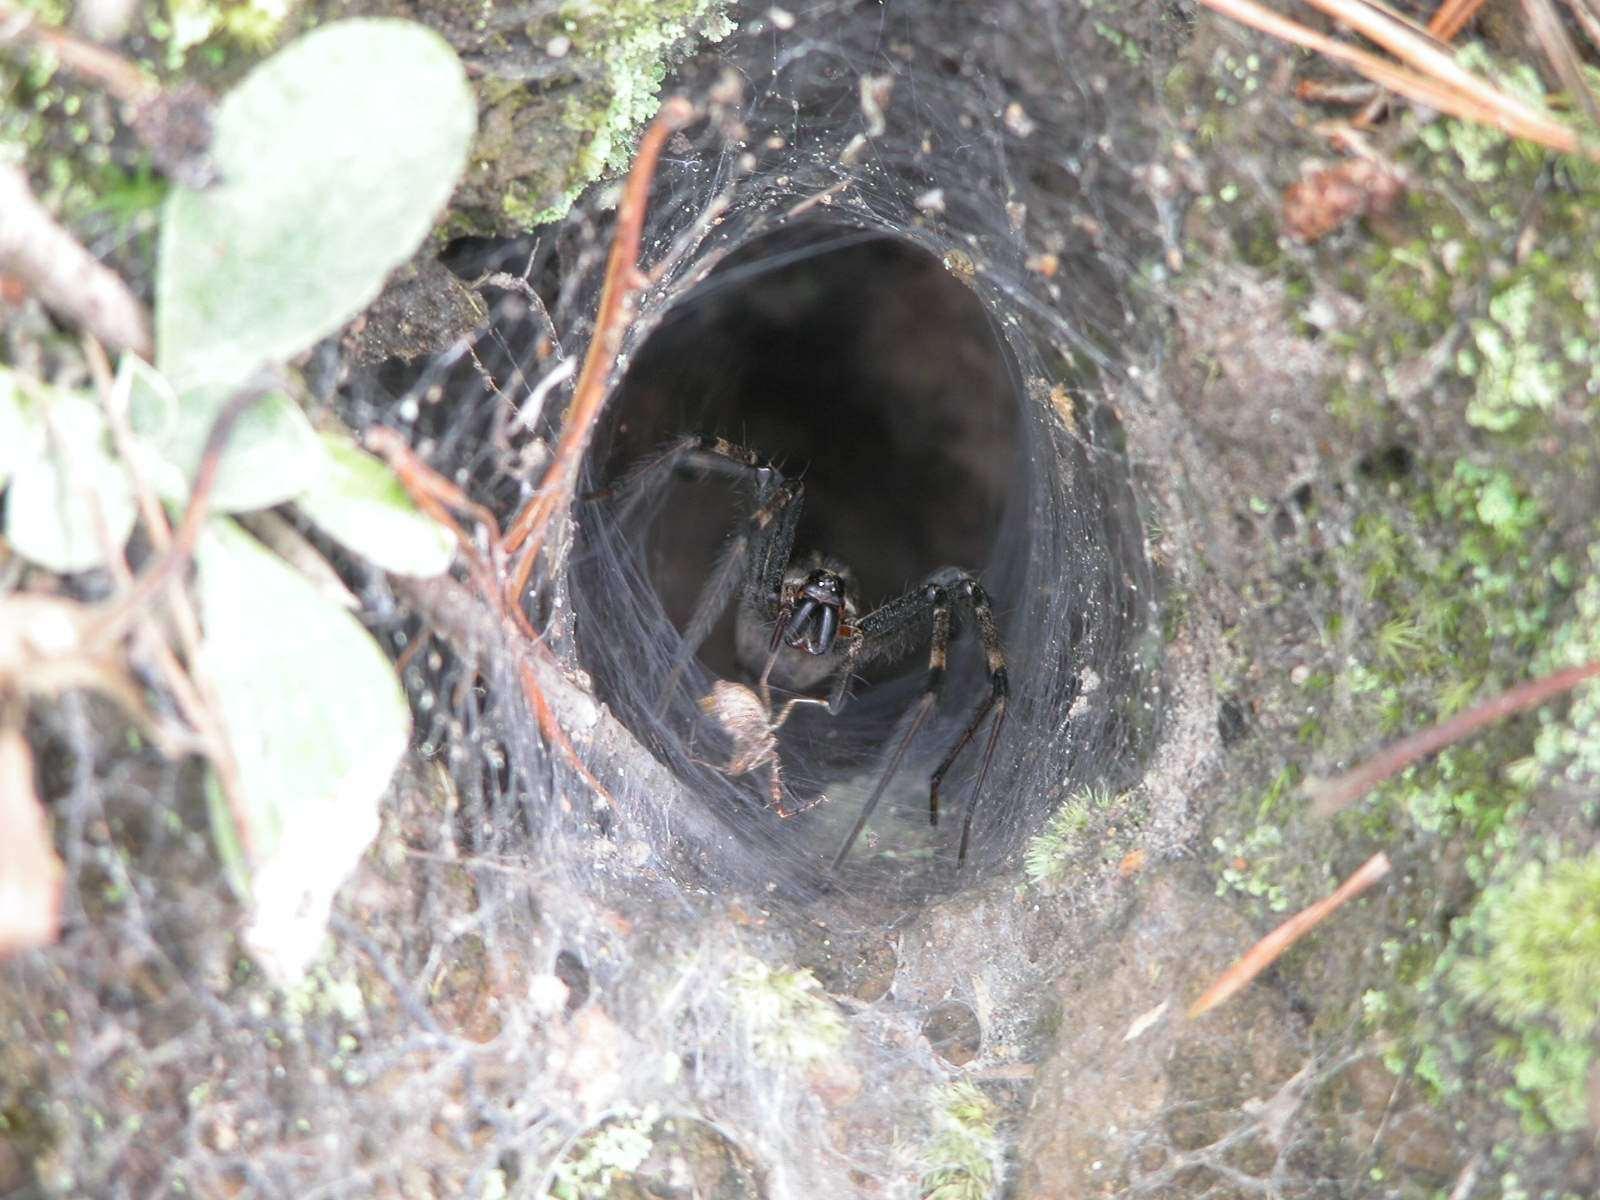 Spider found in homes  and garden